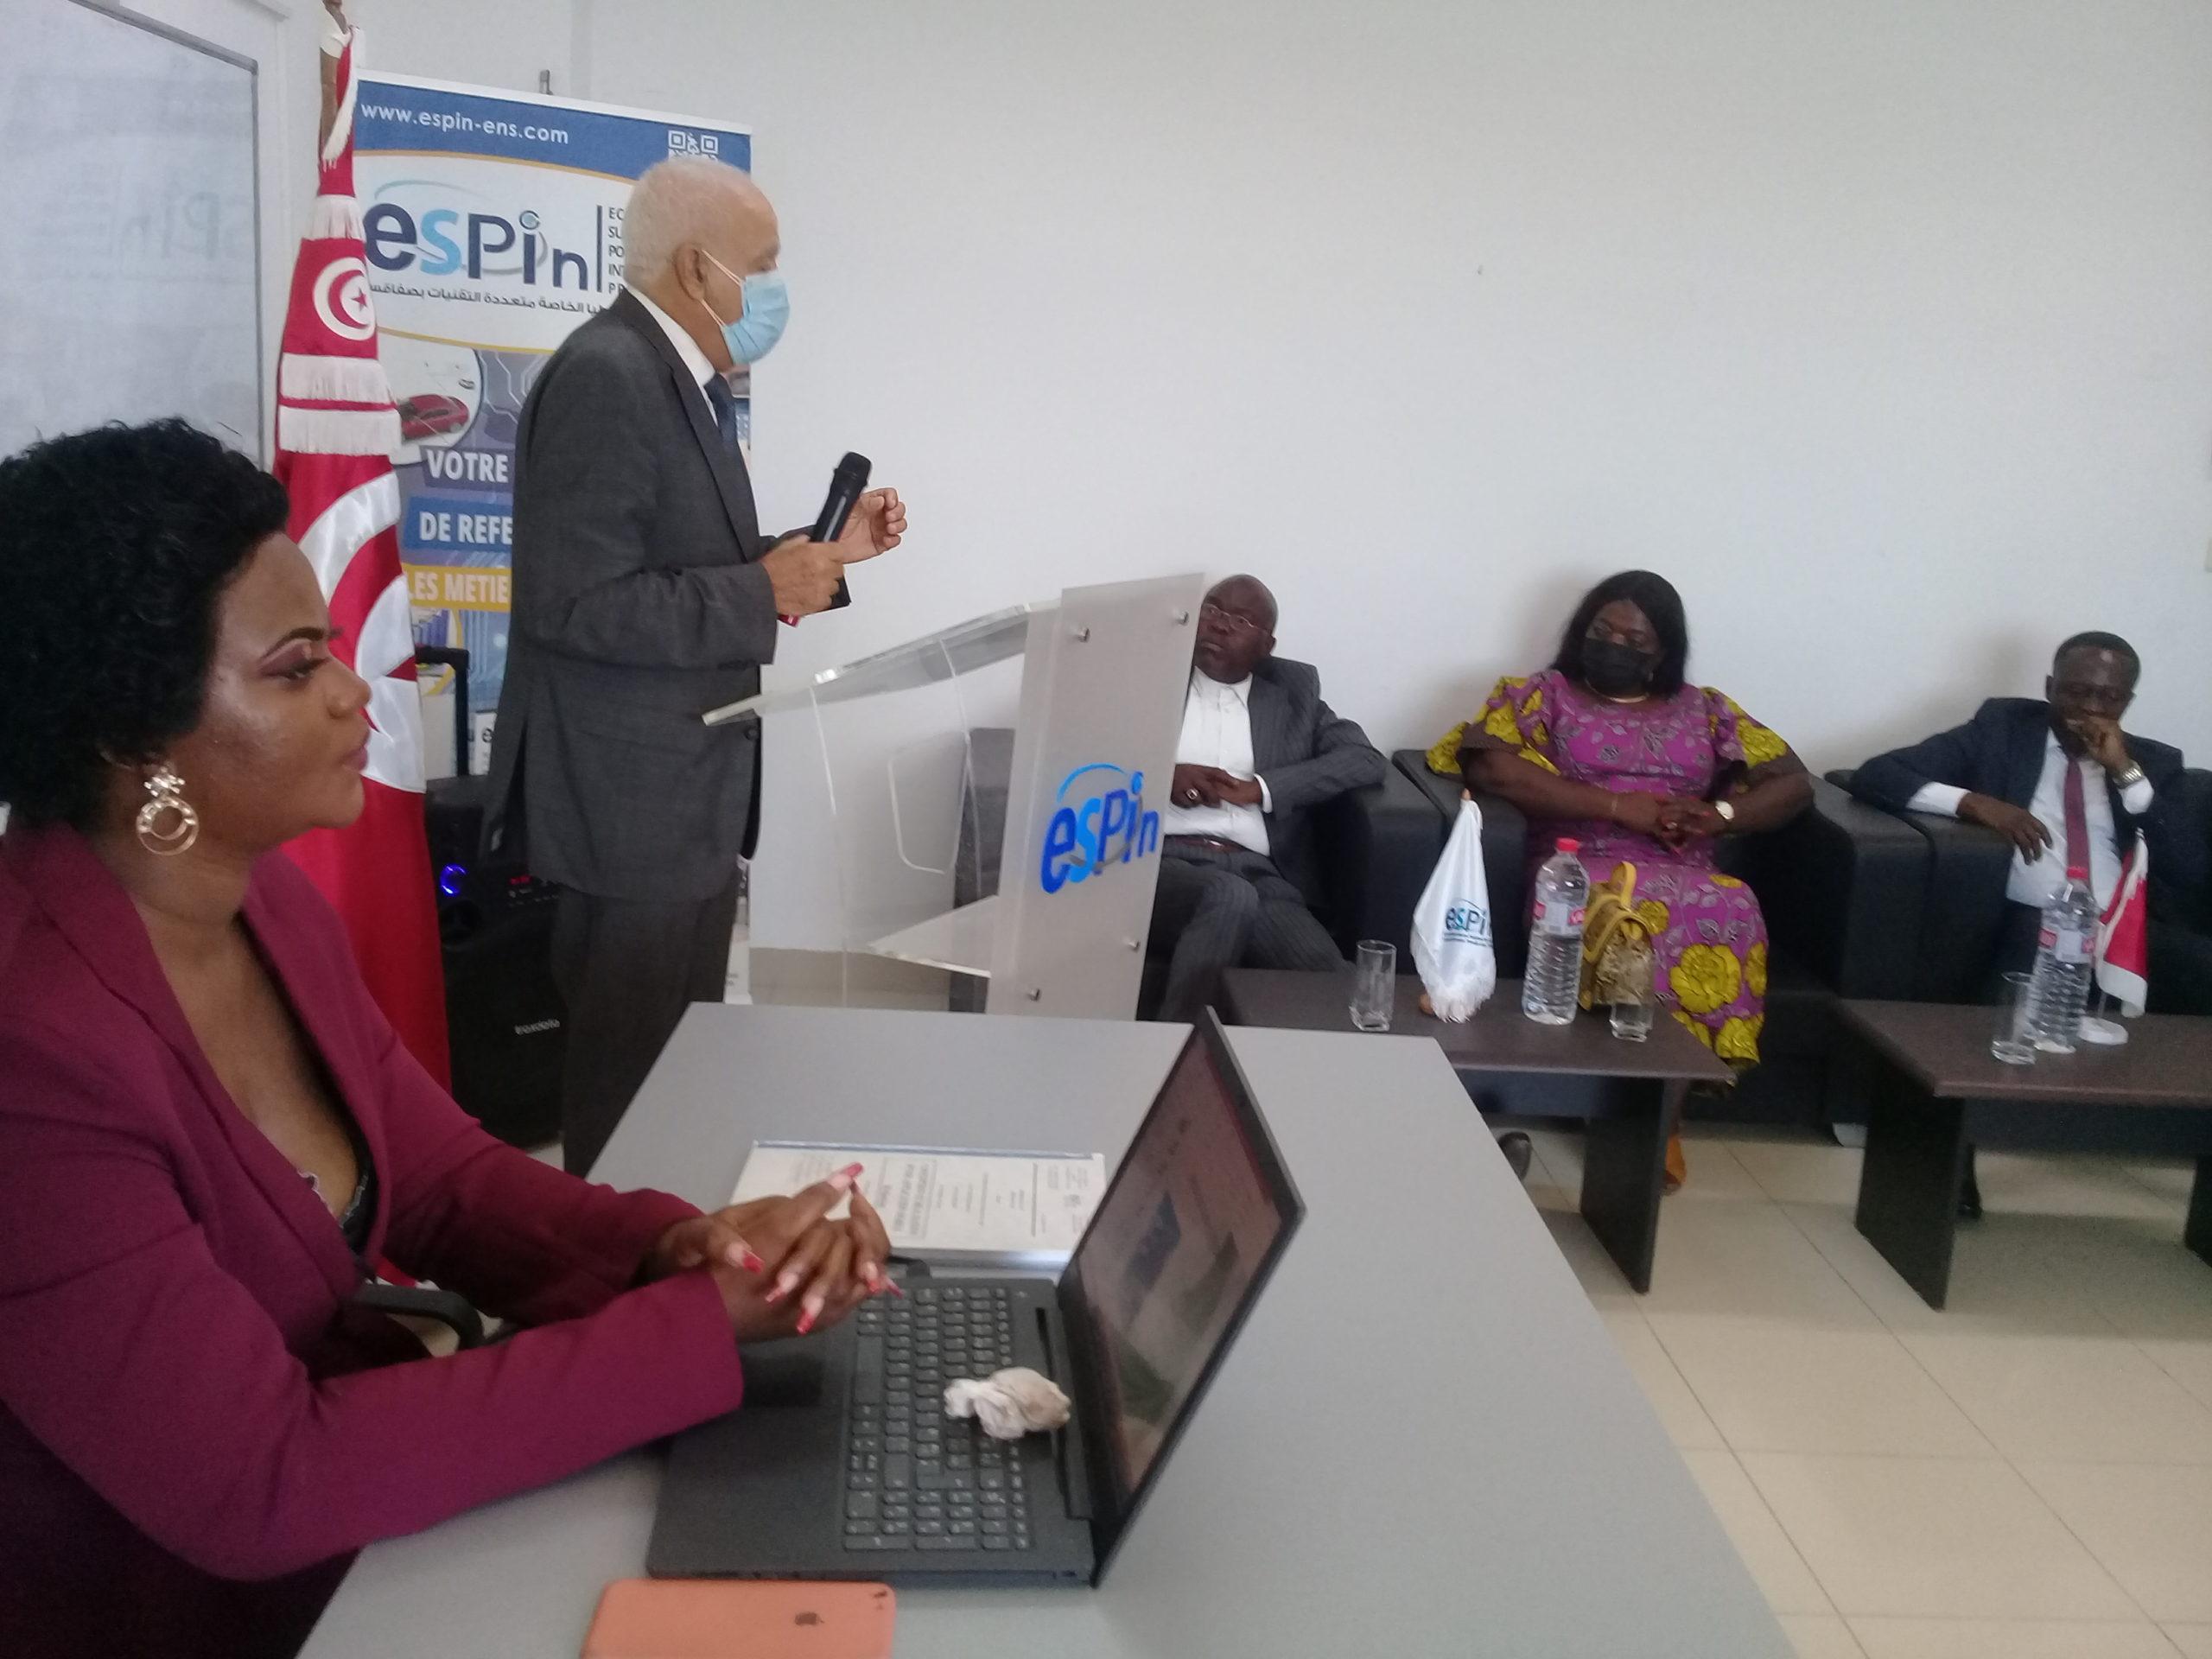 وزير  البنية التحتيّة والاشغال العامة الكونغولي في المدرسة العليا الدولية الخاصة مُتعددة التقنيات ESPIN